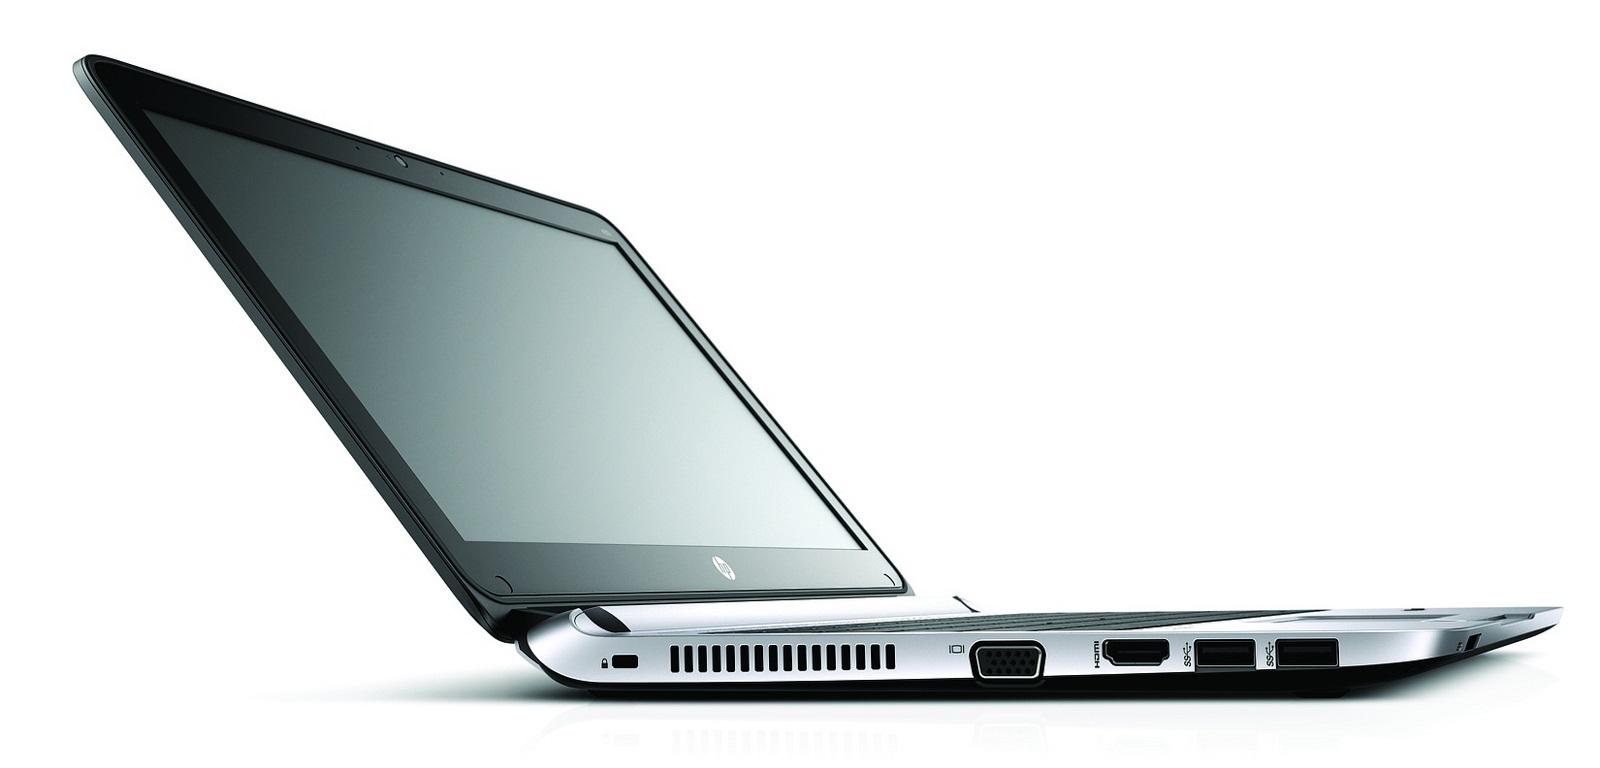 HP_ProBook_440_G1_Notebook_PC(3)